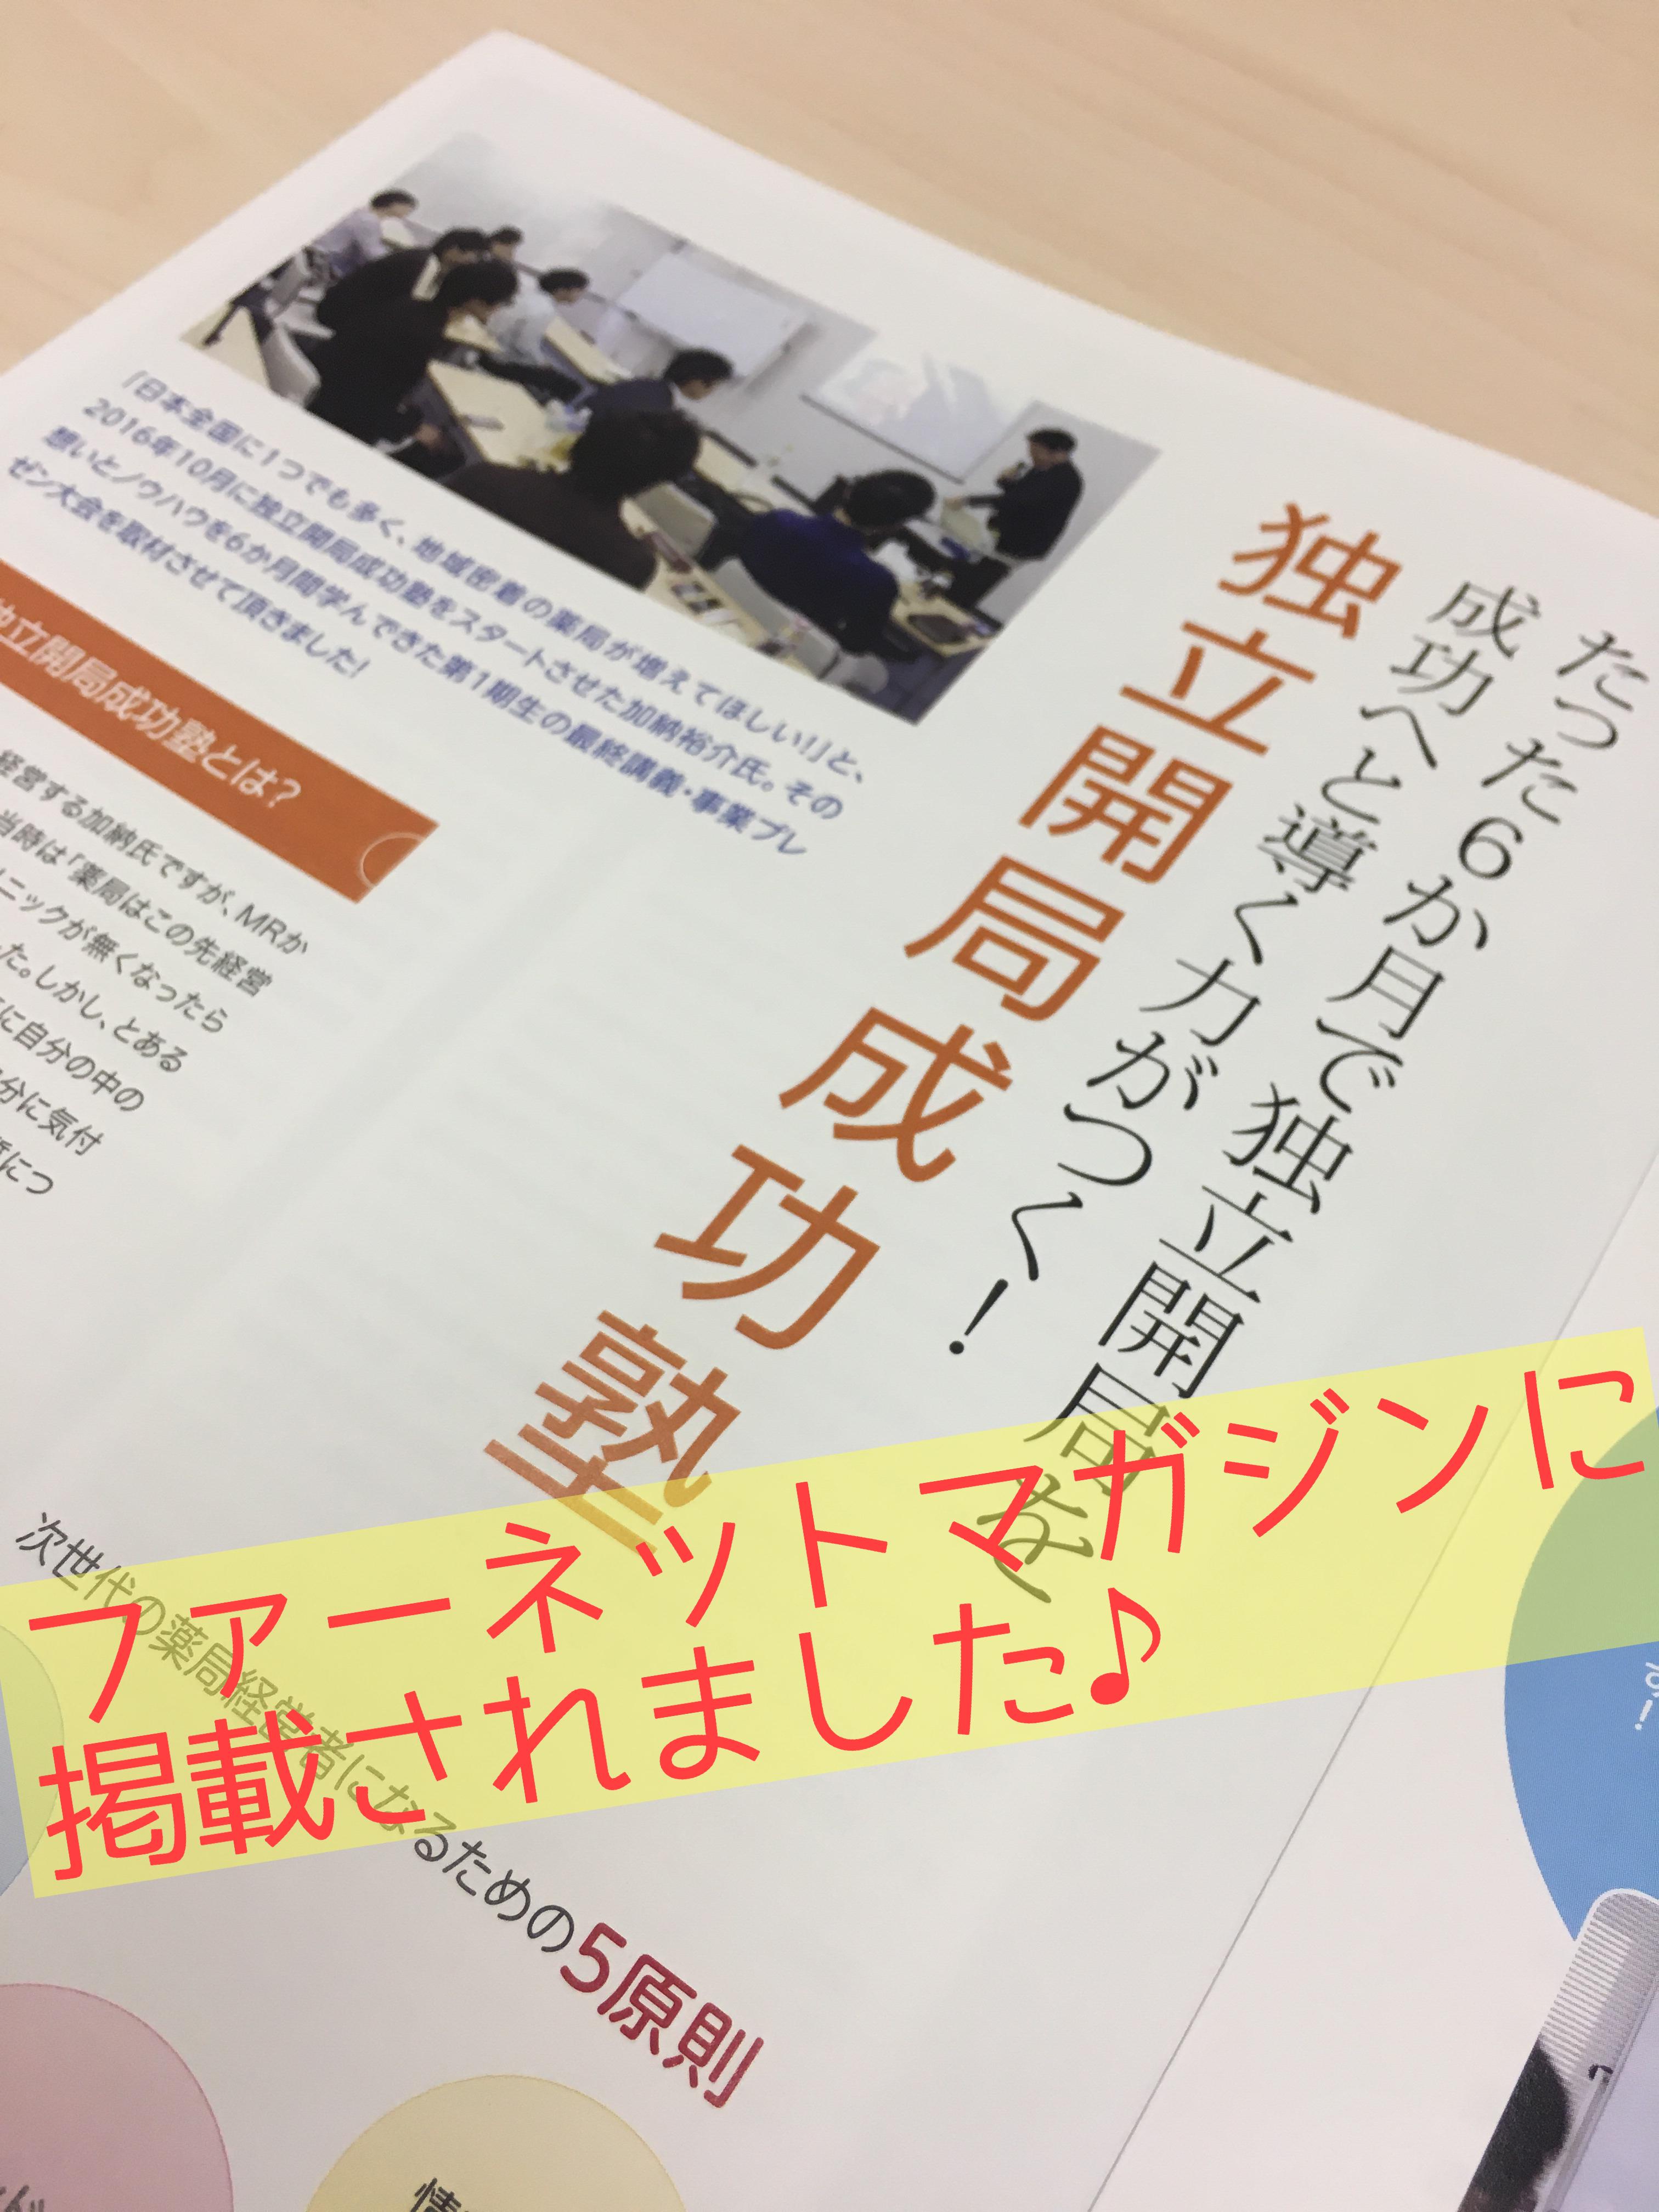 『独立開局成功塾』がファーネットマガジンに掲載されました!!